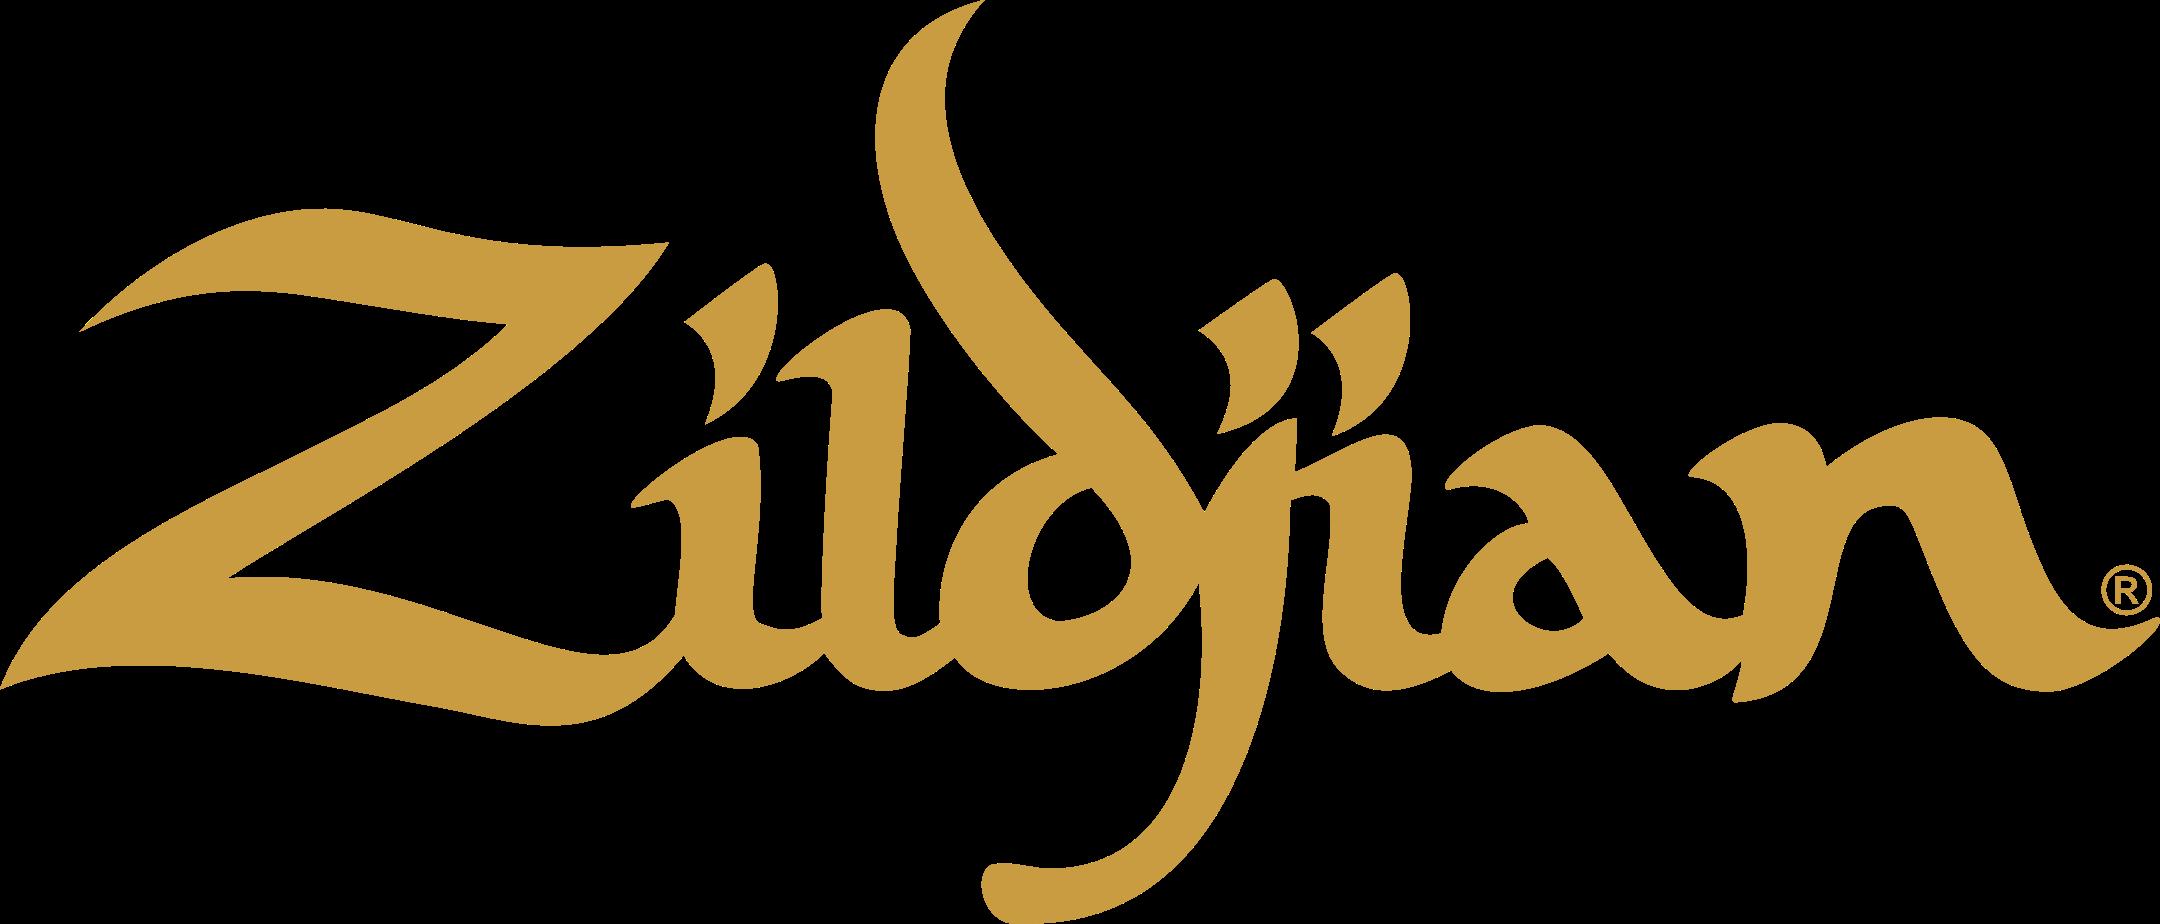 zildjian logo 3 - Zildjian Logo